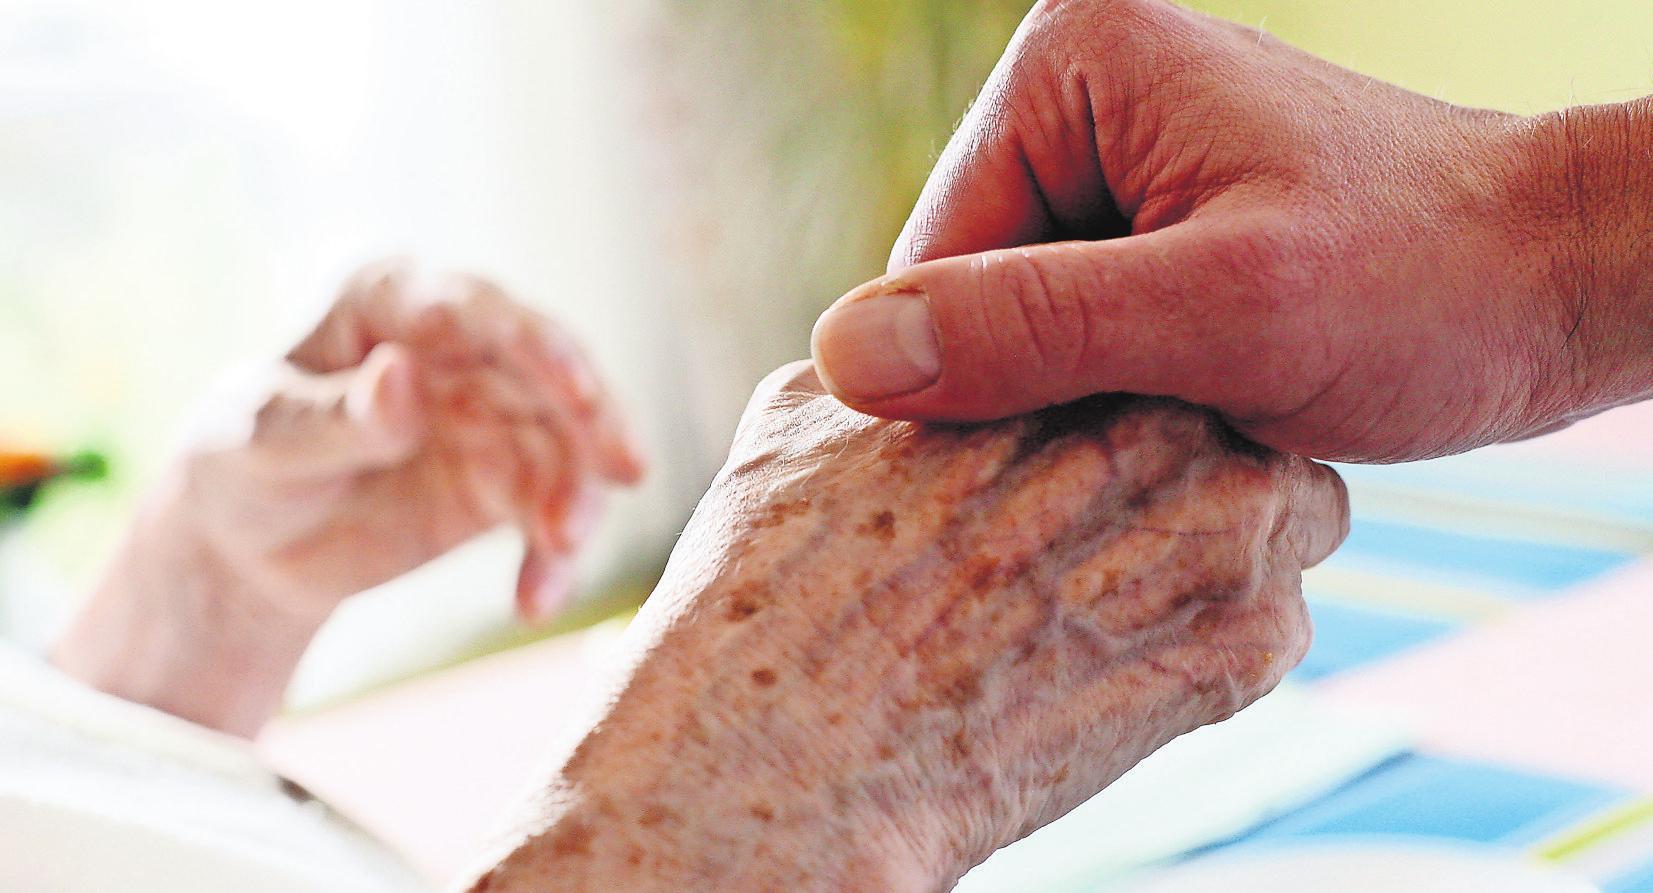 Ziel des ganzheitlichen Therapie-Ansatzes sei die Verbesserung der Lebensqualität der Betroffenen sowie den Erhalt der Selbstbestimmtheit.